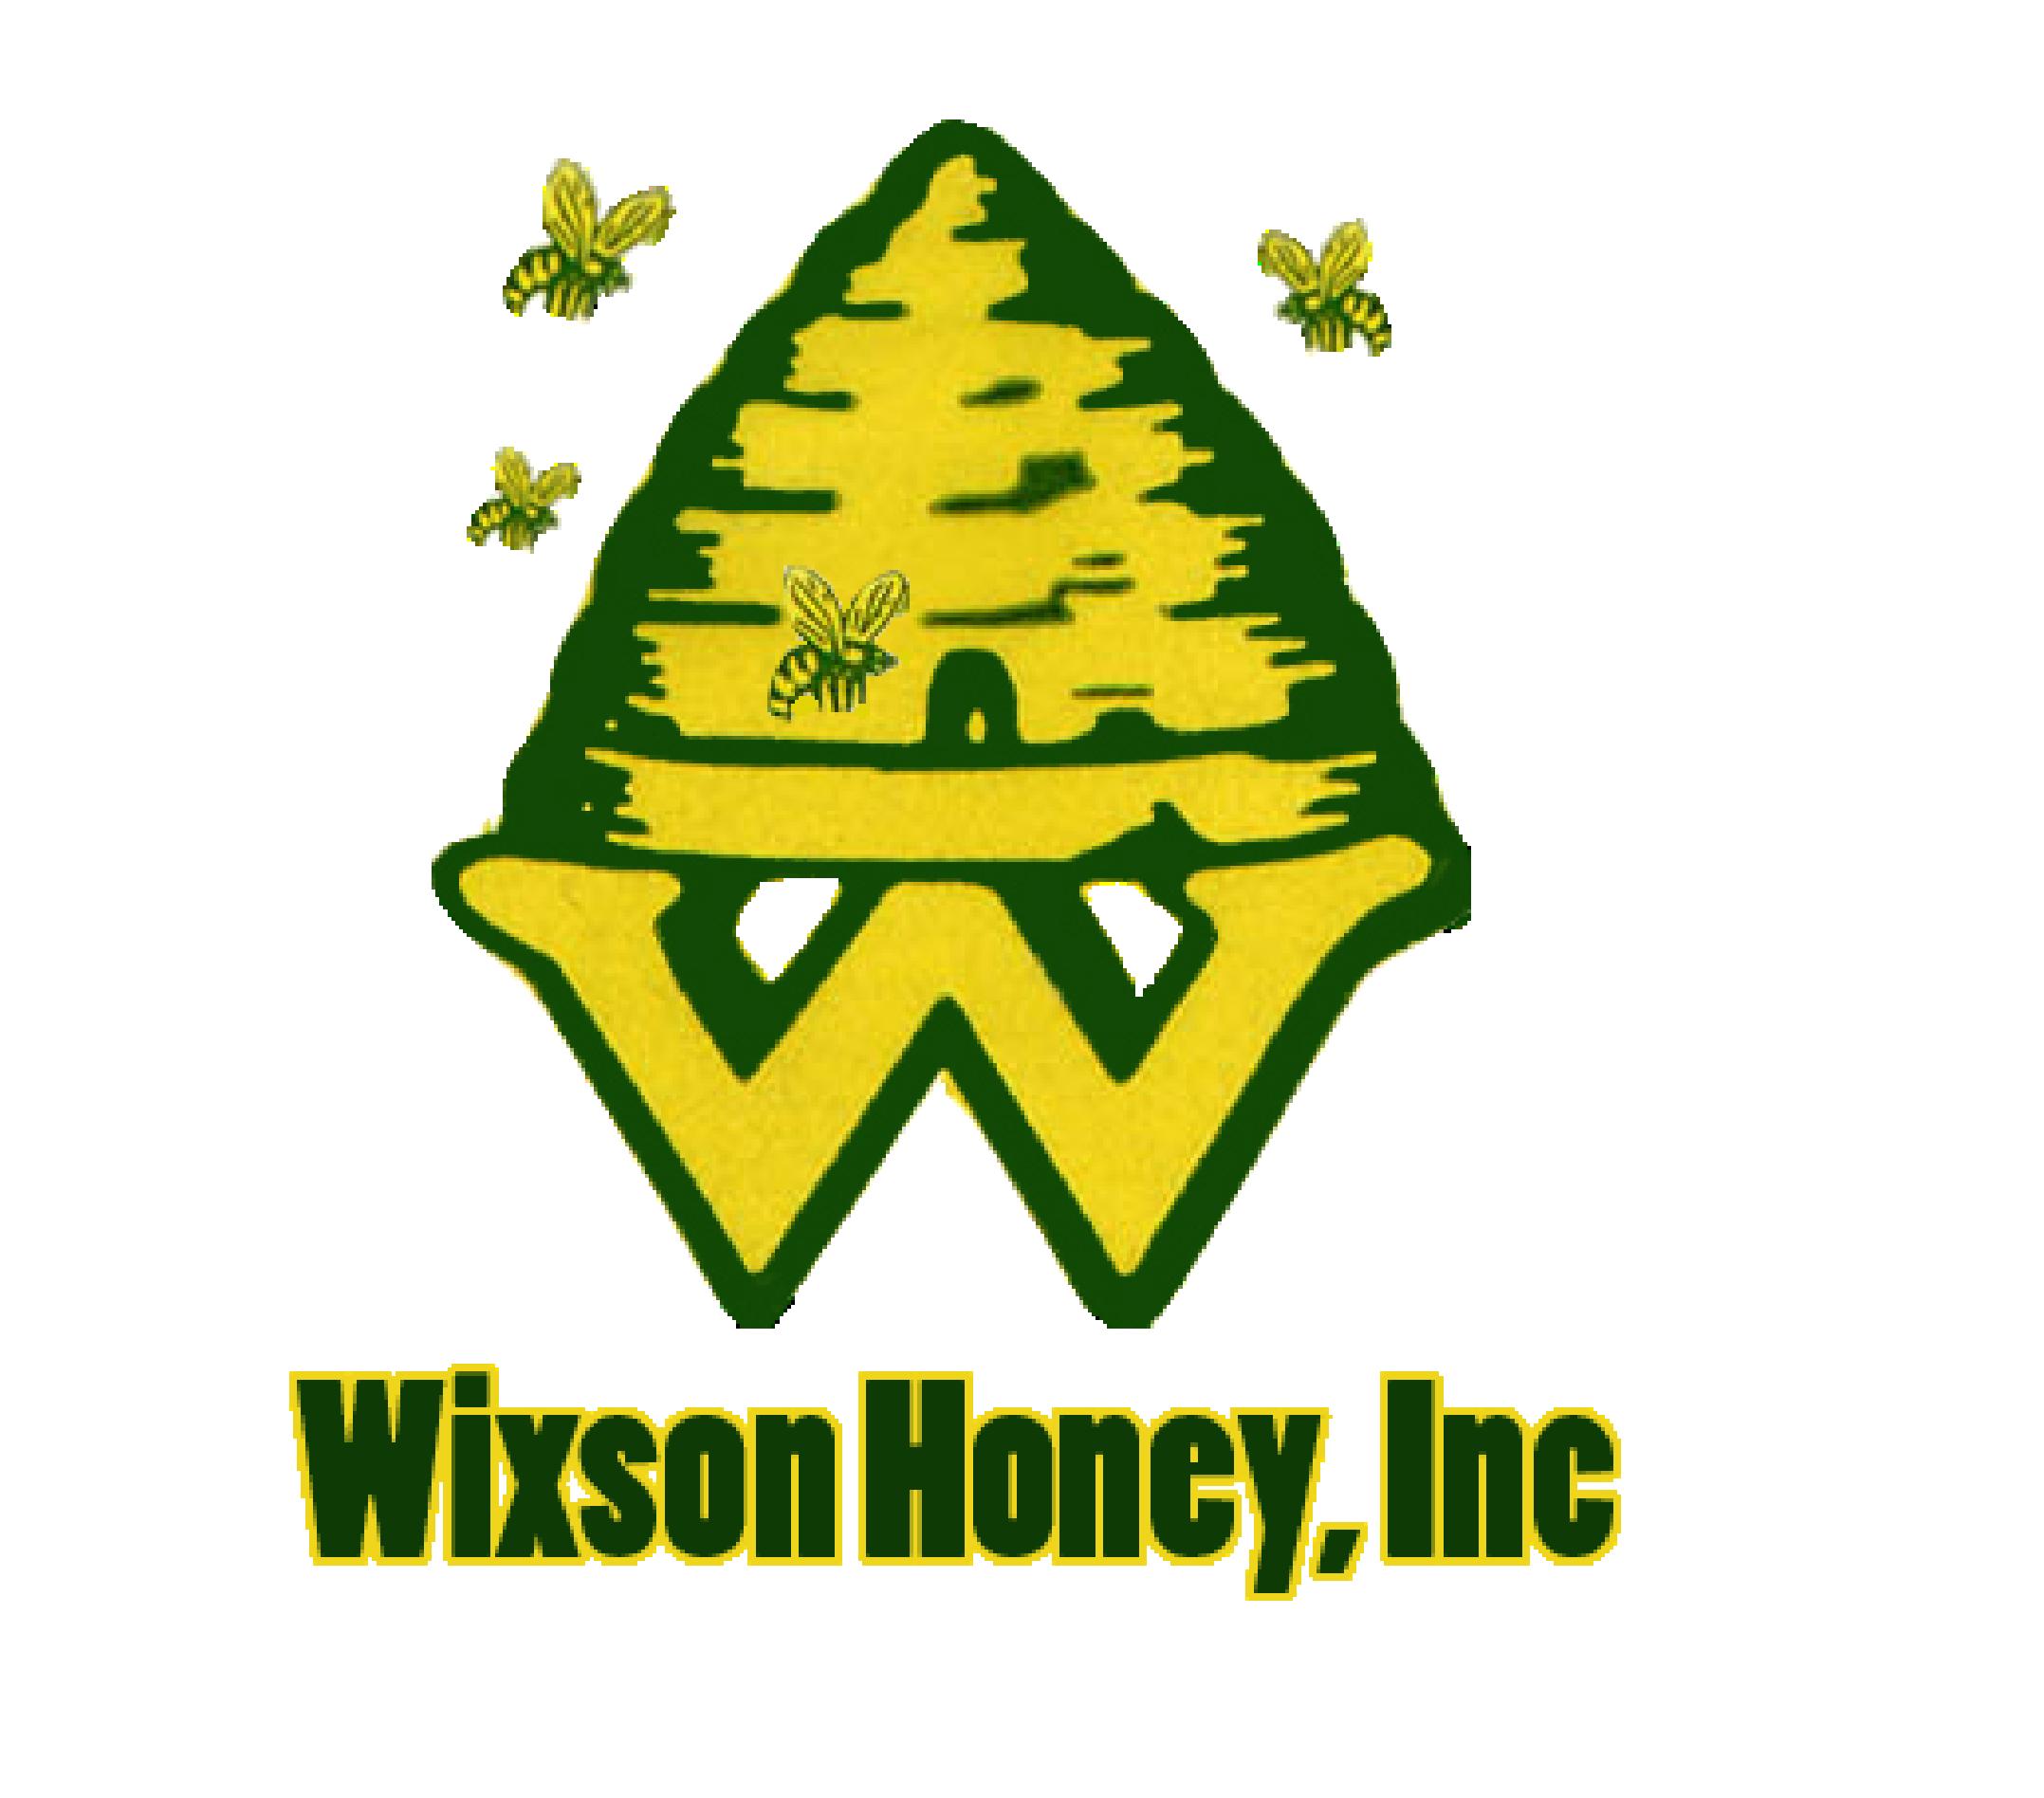 Wixson Honey